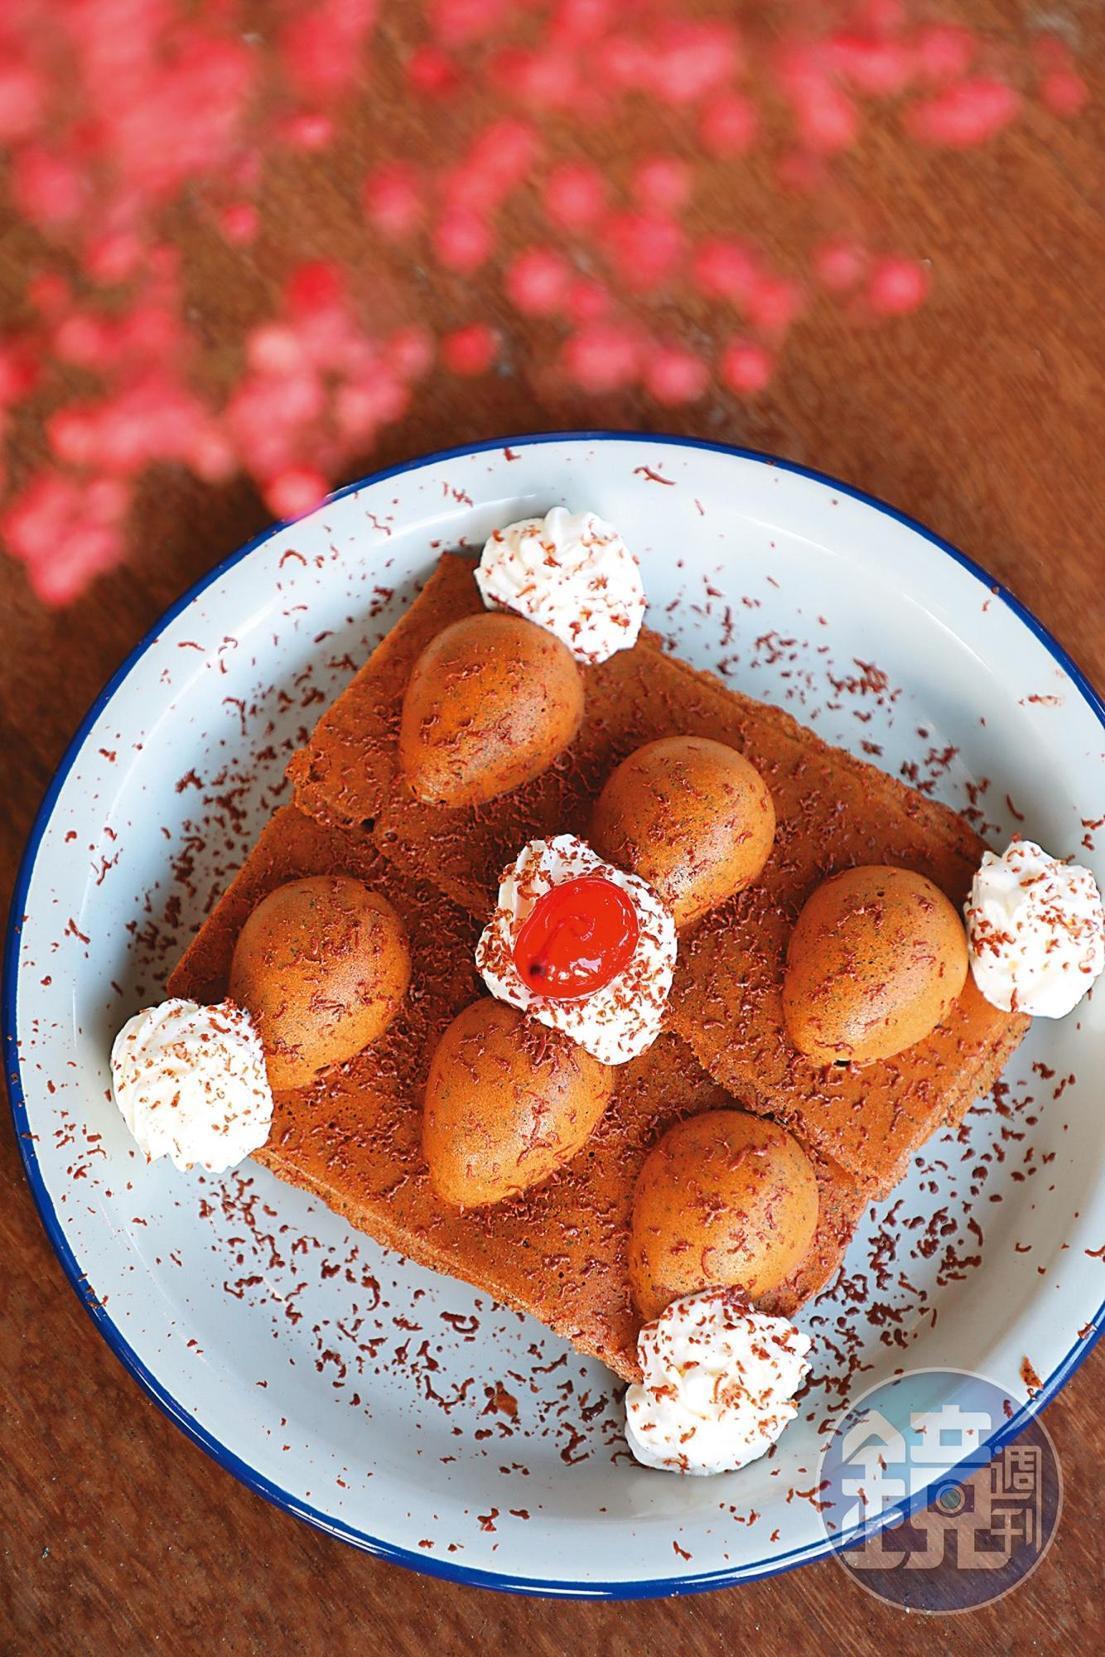 「魚池阿薩姆&金牌巧克力」帶有紅茶香氣雞蛋糕,撒上62%福灣巧克力。(160元/份)